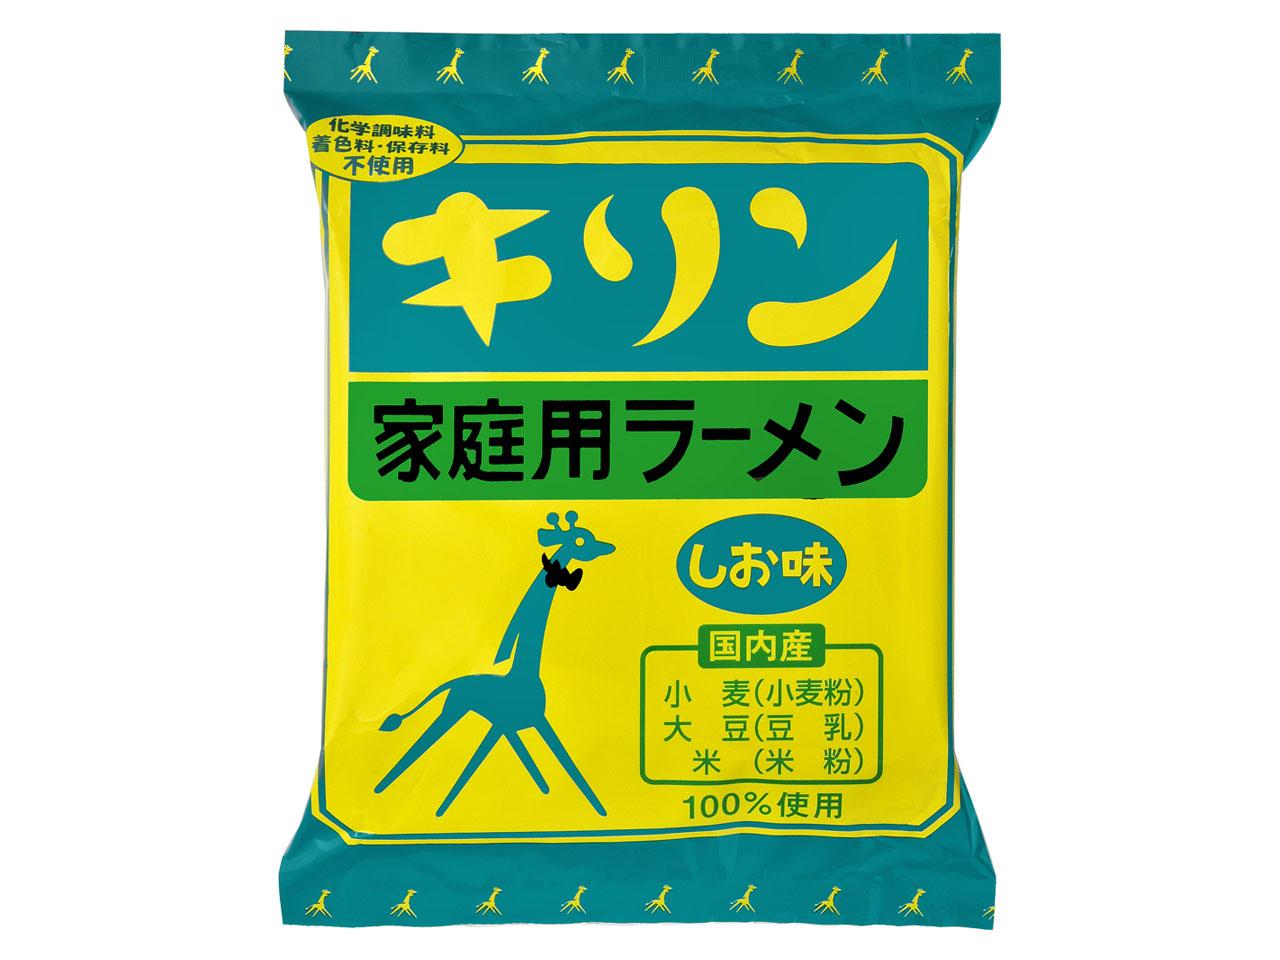 キリンラーメンしお味